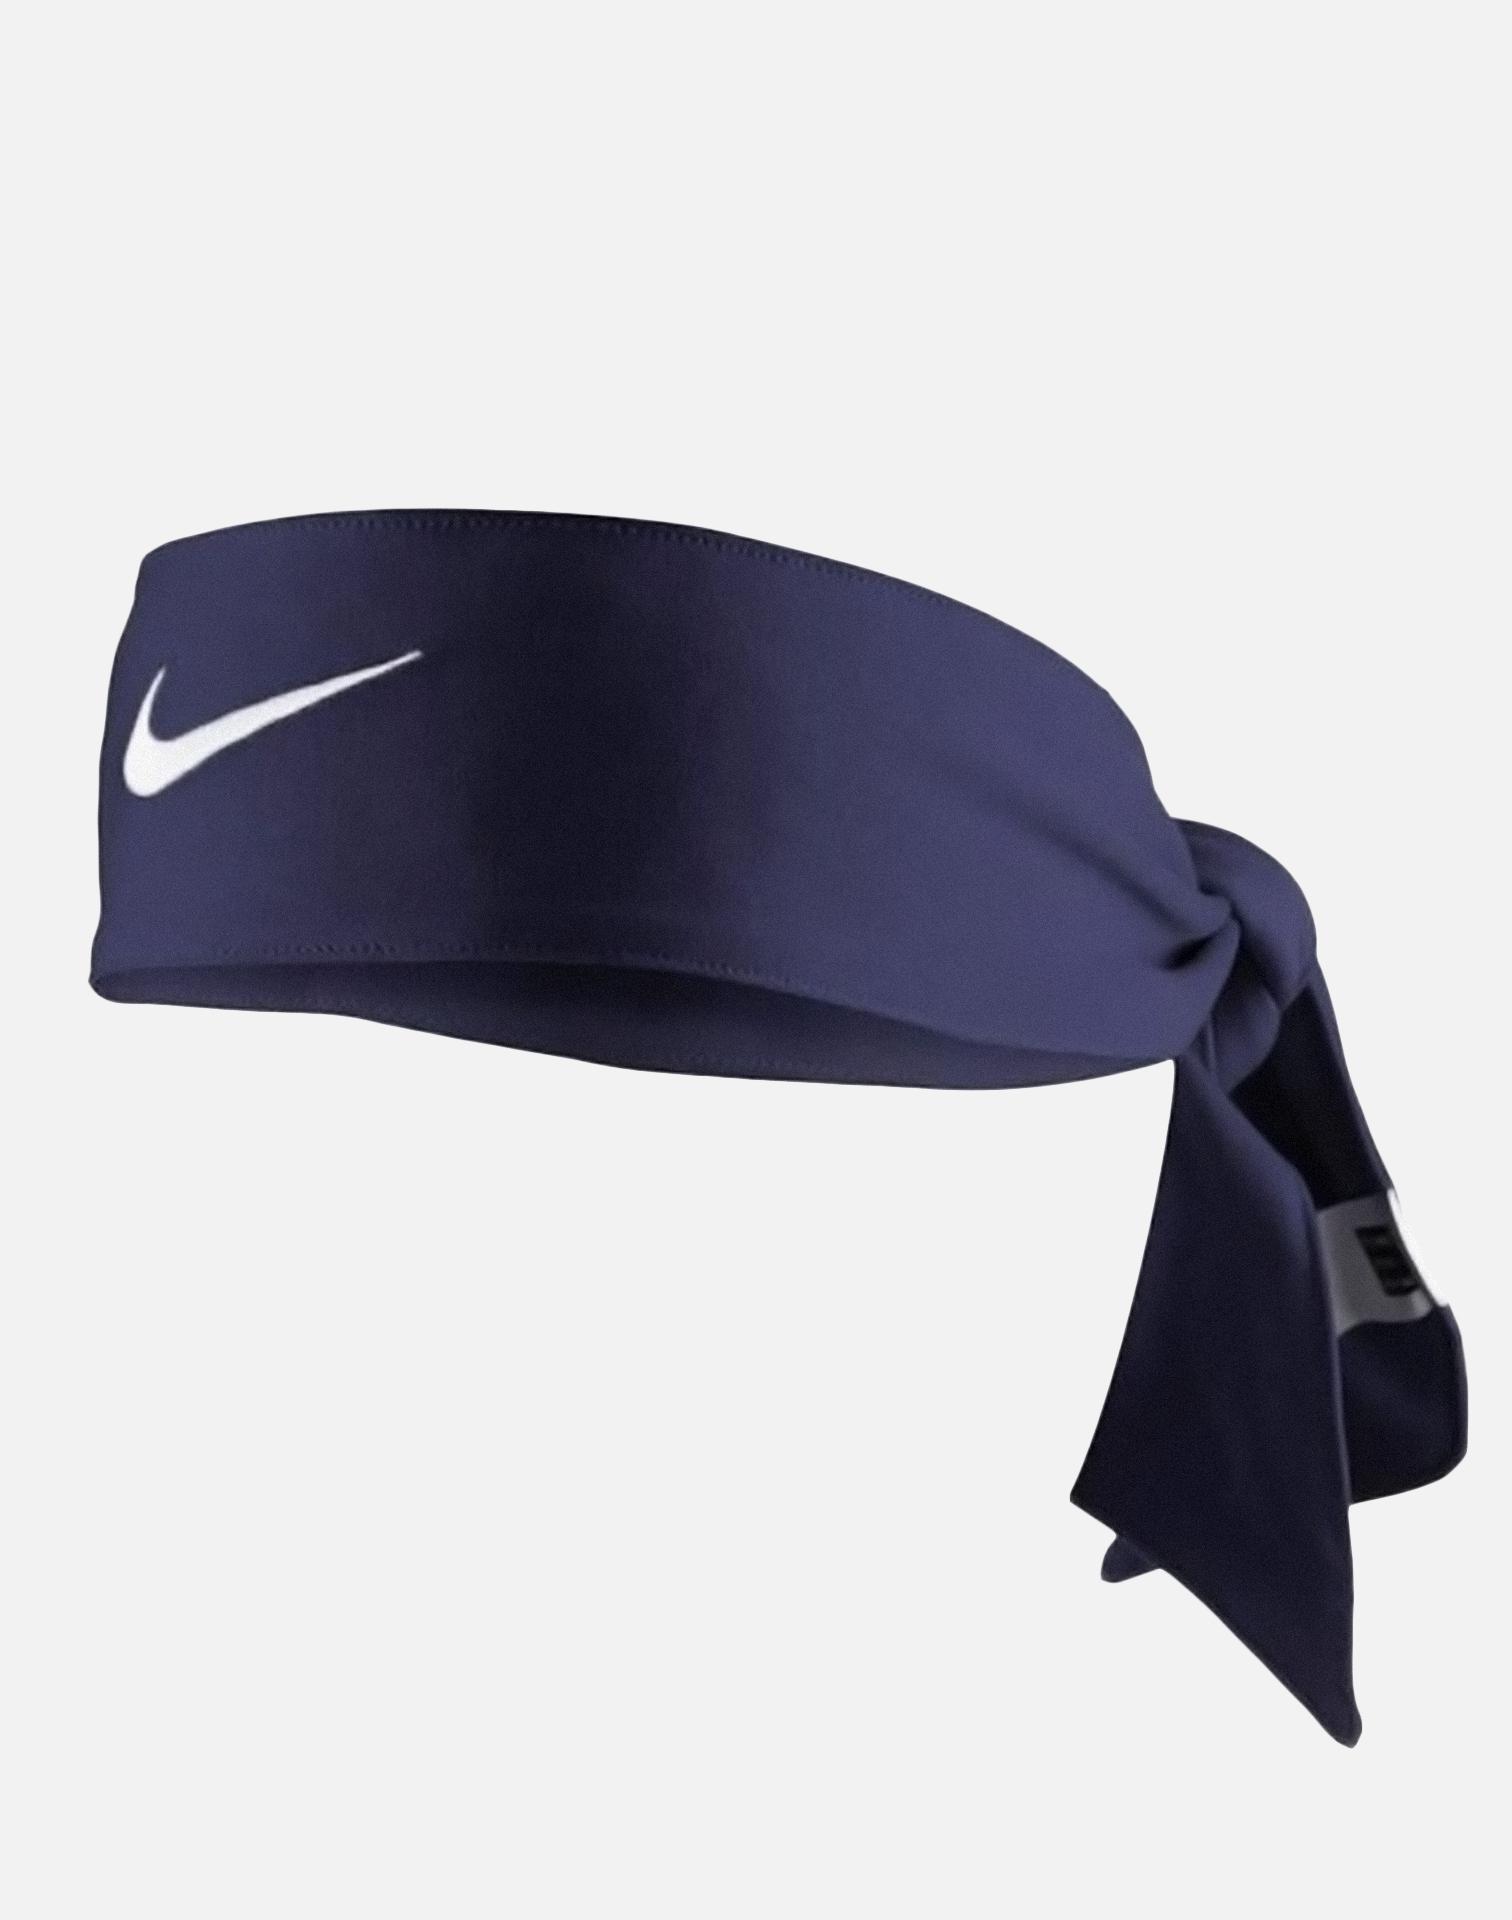 920bc7fff2b6 Lyst - Nike Dri-fit Head Tie 2.0 in Blue for Men